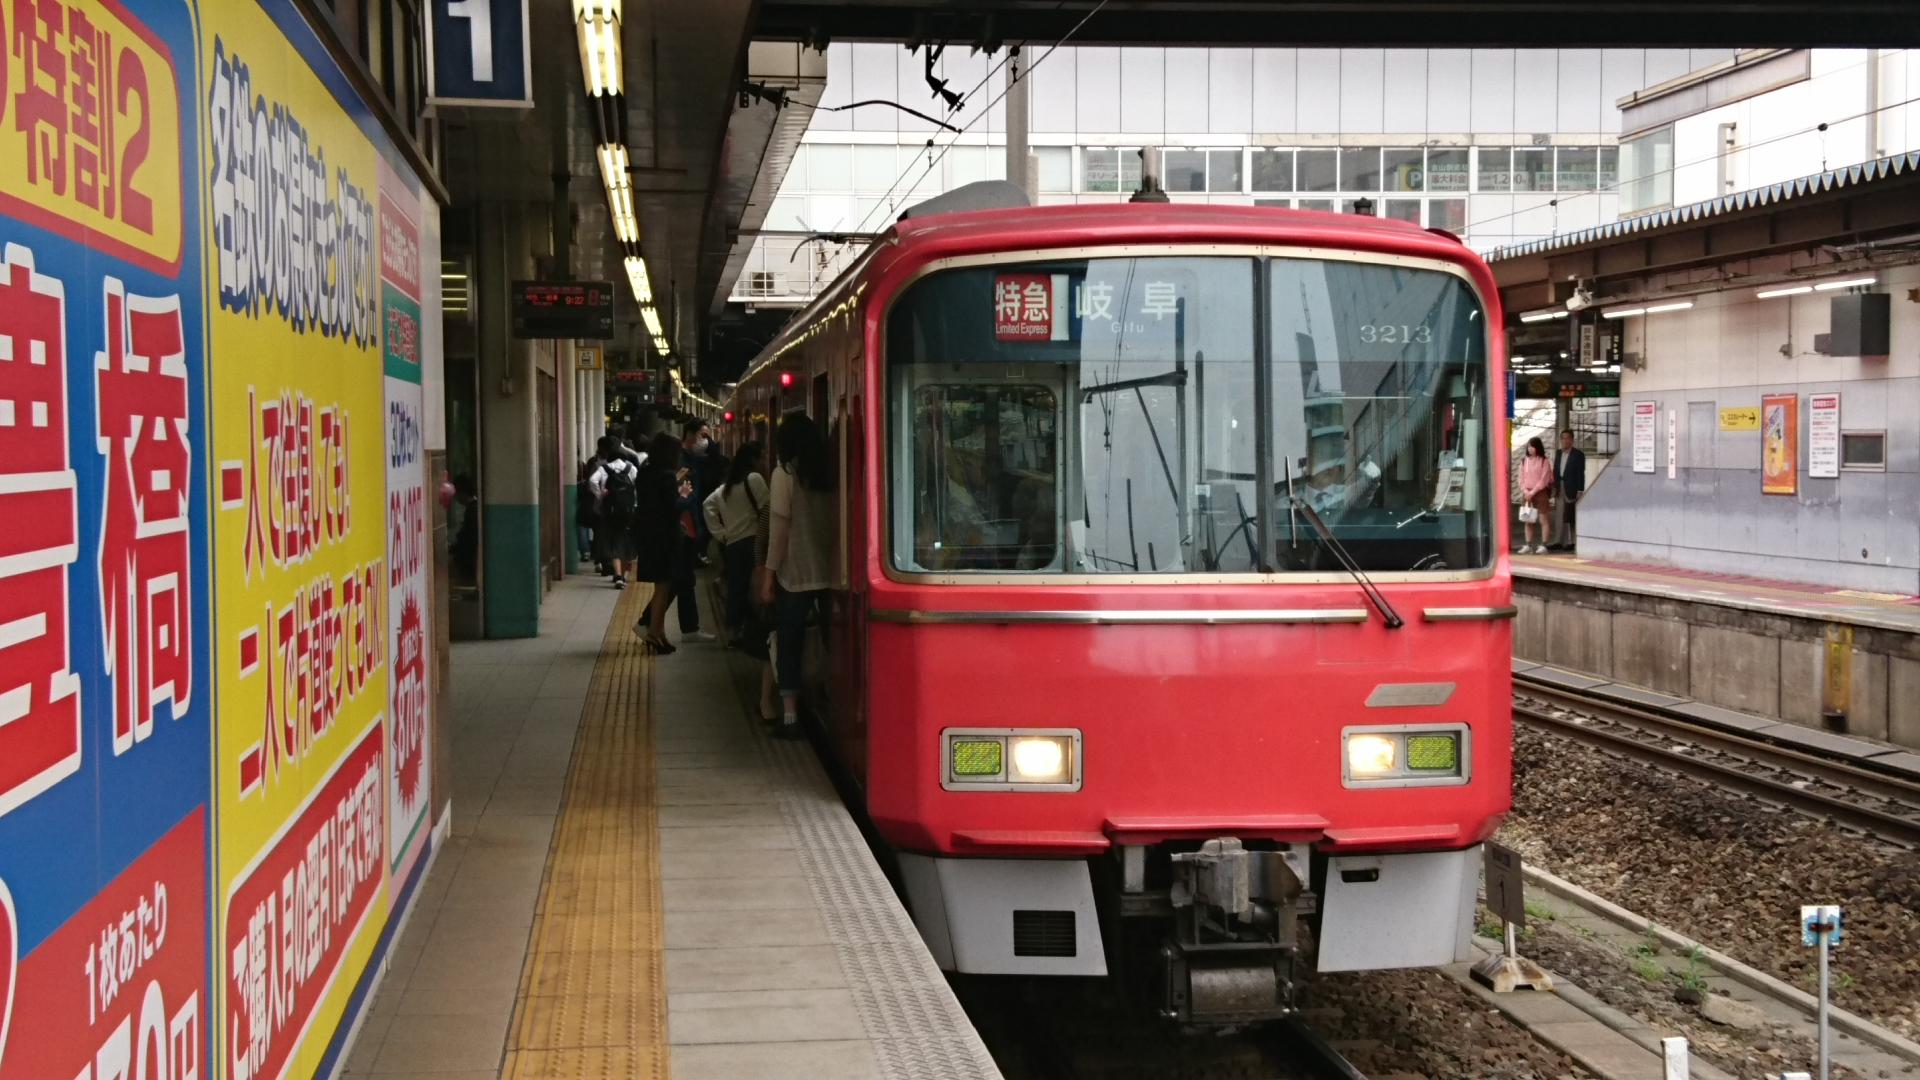 2017.5.9 名鉄 (4) 金山 - 岐阜いき特急「3213」 1920-1080